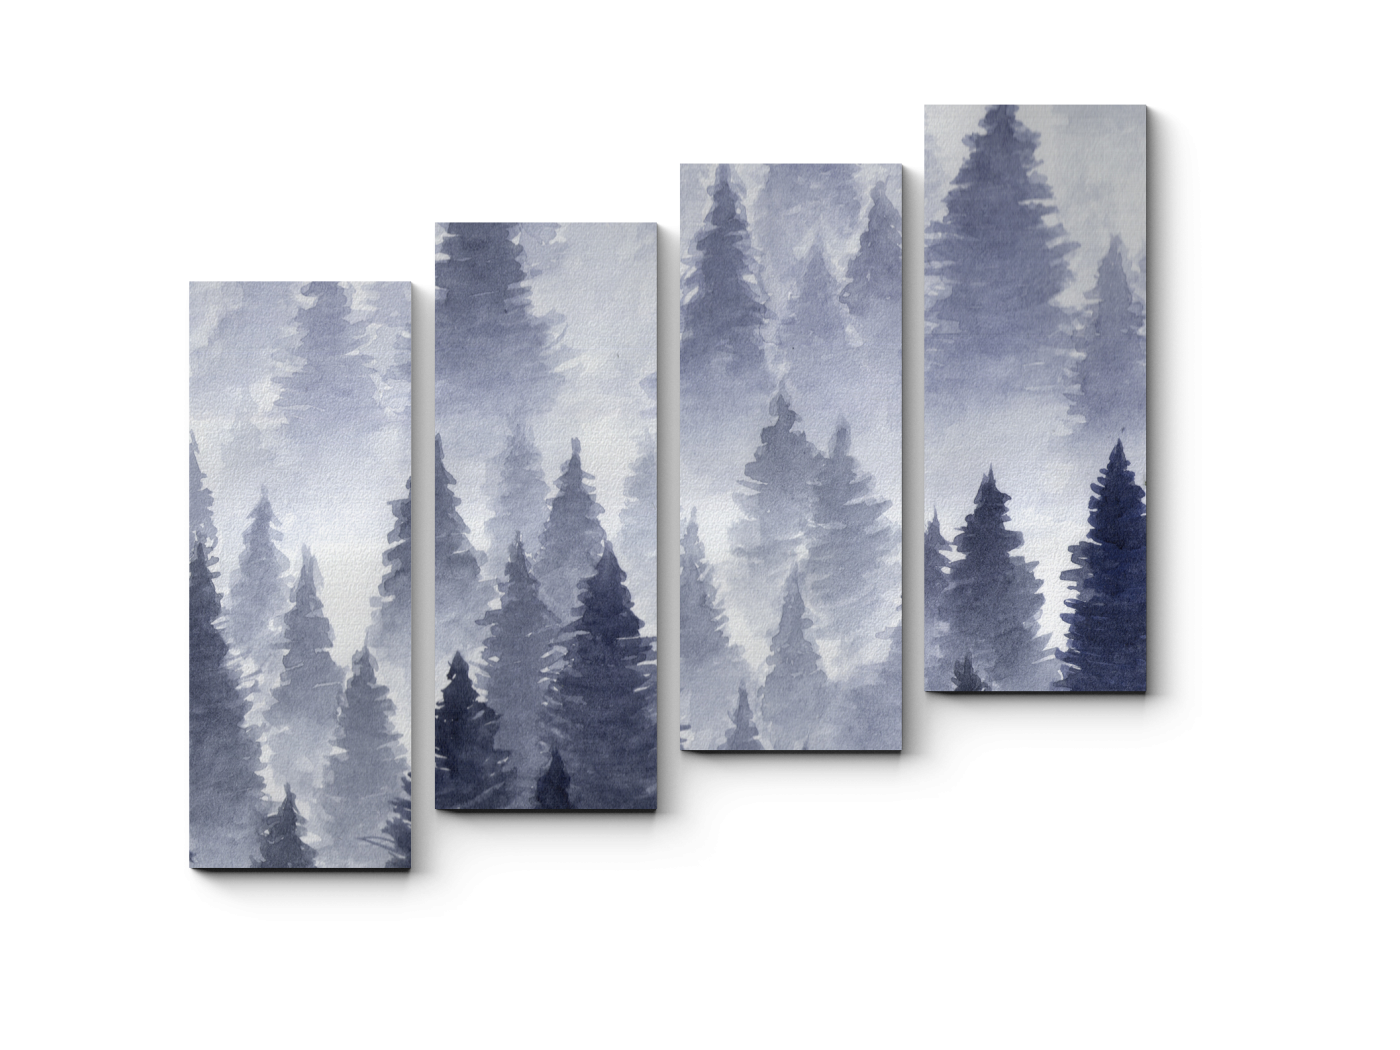 Модульная картина Туман (80x69) фото